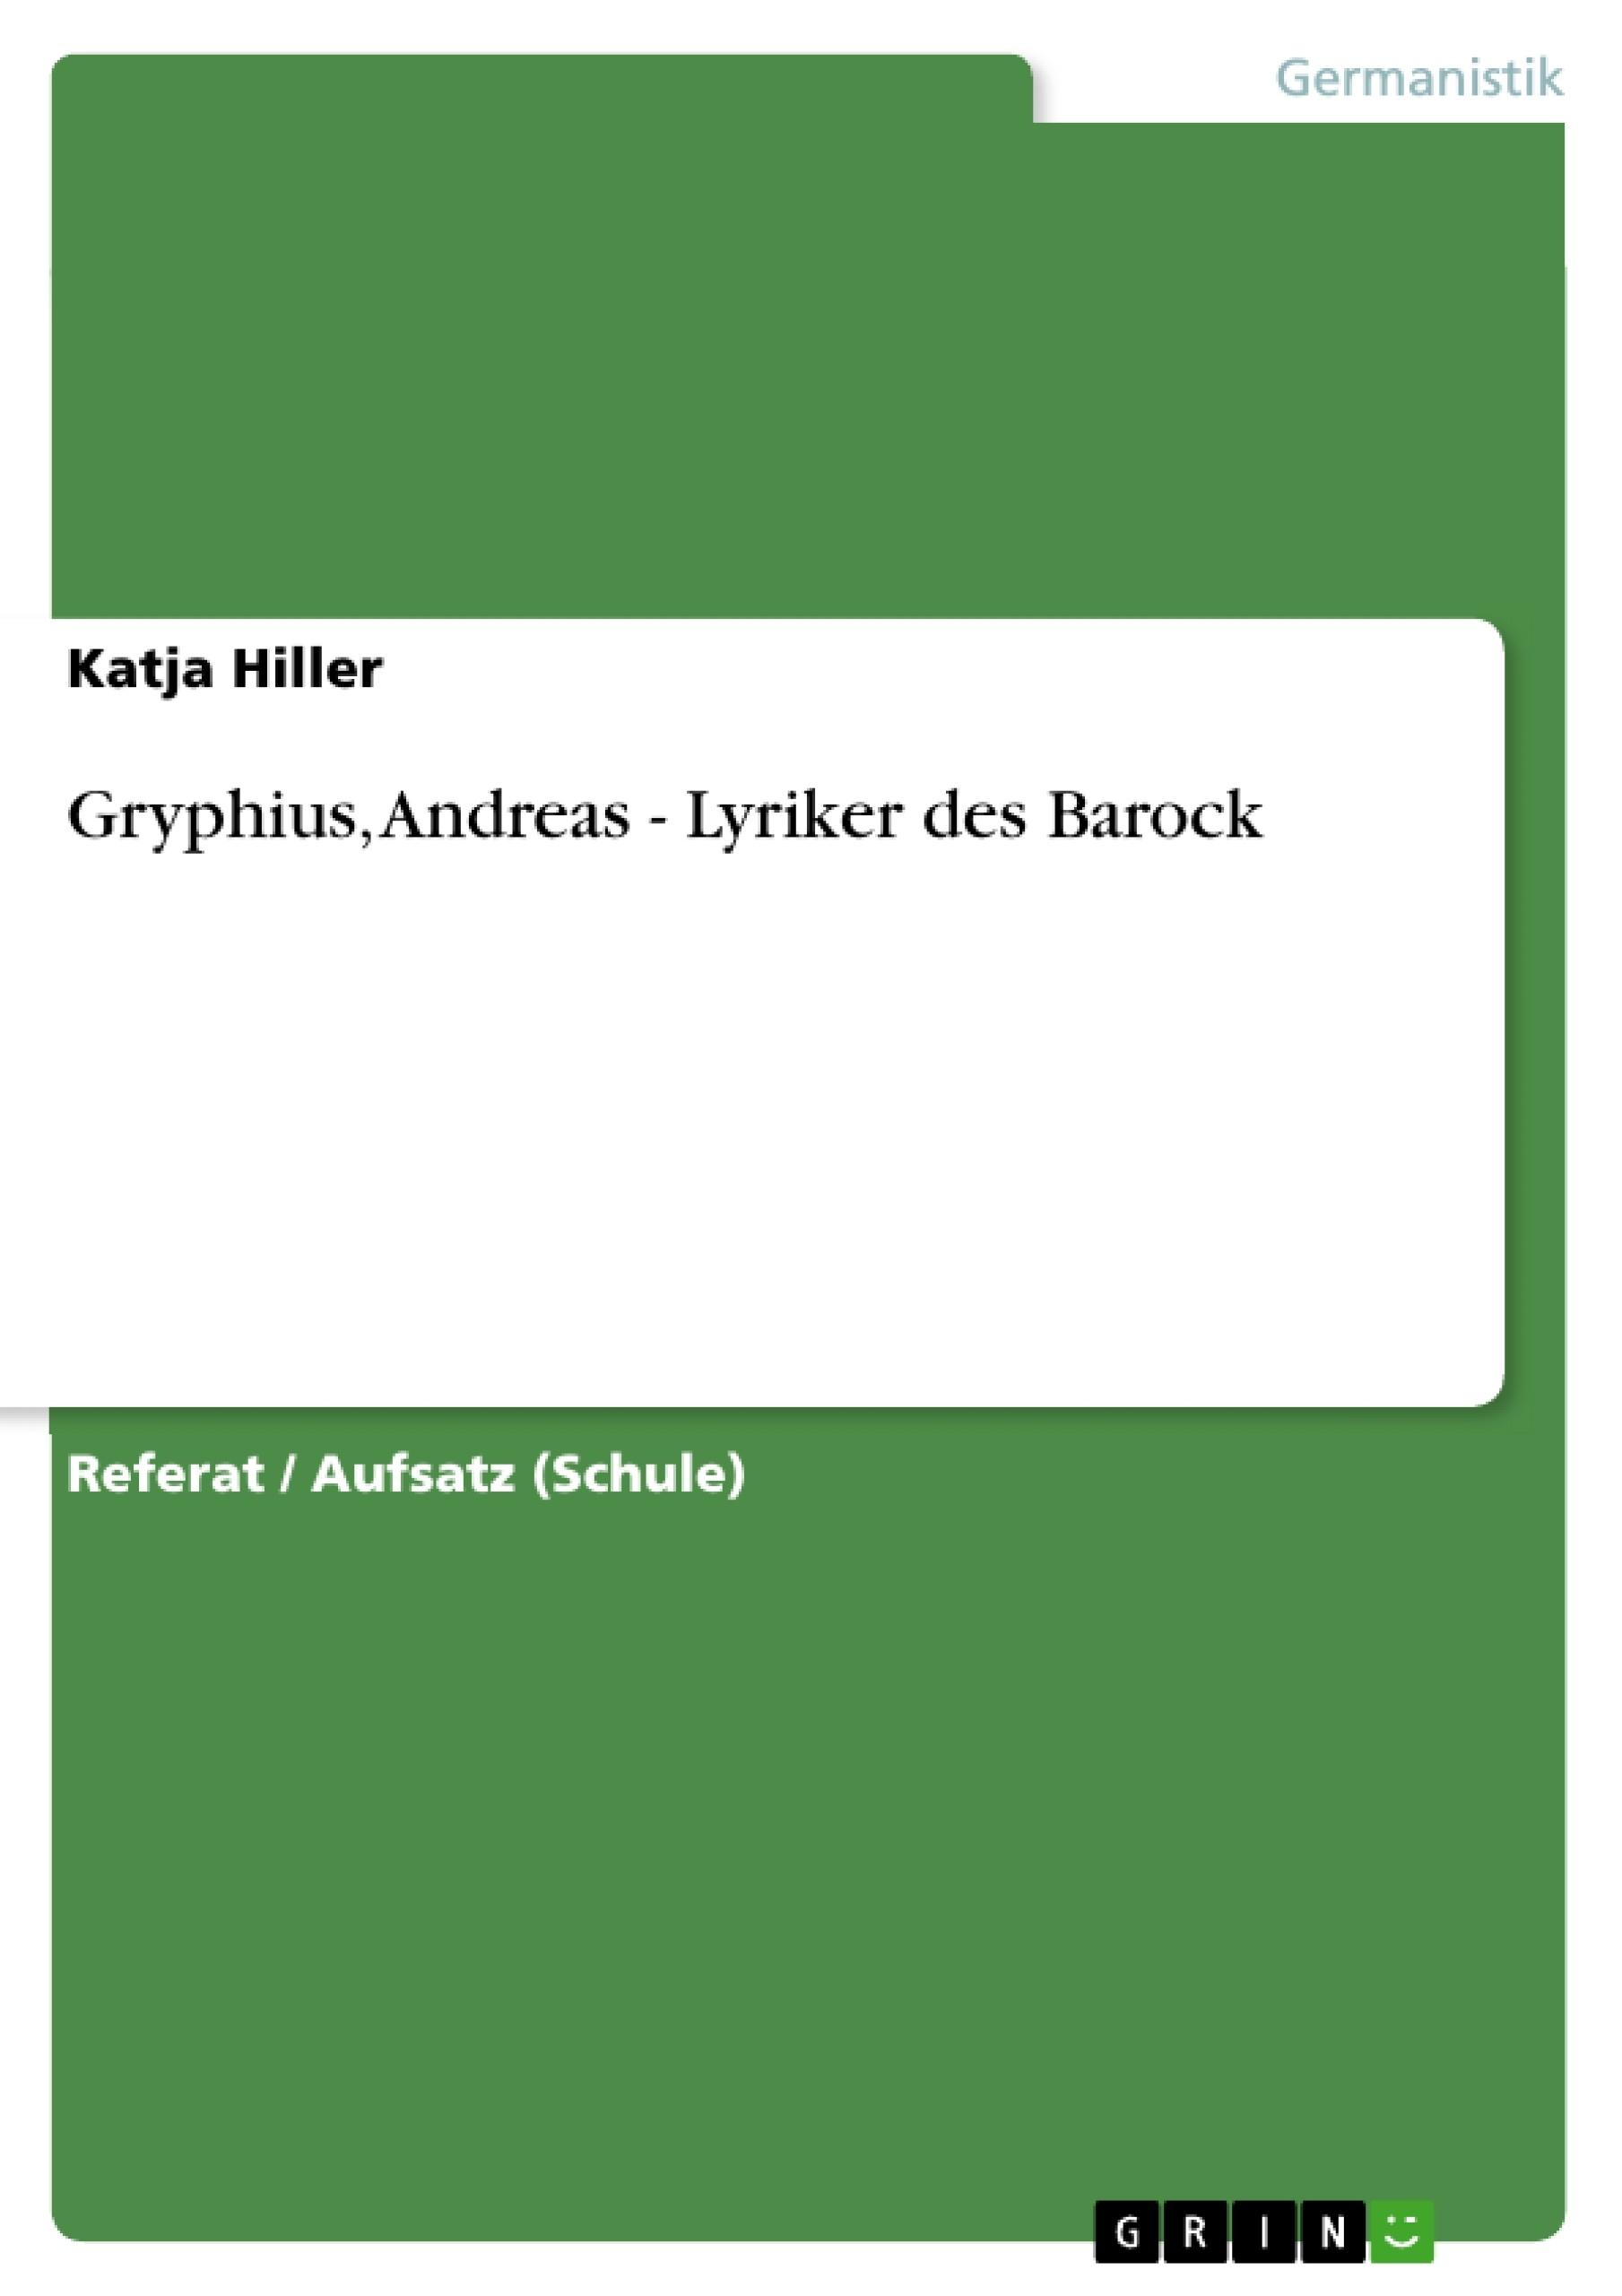 Titel: Gryphius, Andreas - Lyriker des Barock